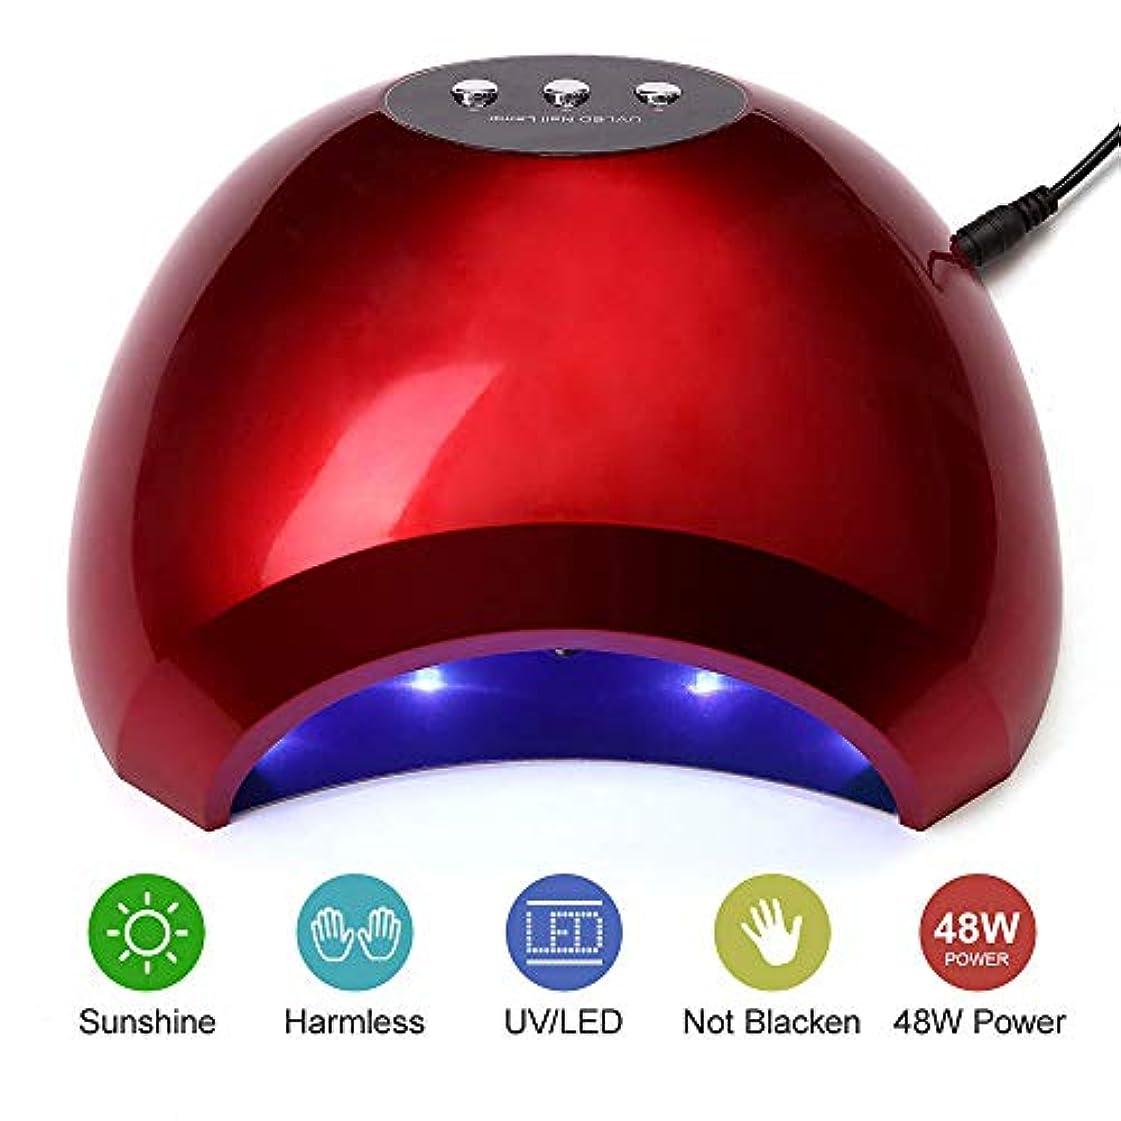 一致対ステートメントネイルドライヤーランプ48W UV LEDネイルキュアランプライトソークオフネイルジェルランプマニキュアペディキュアドライヤー付きセンサー高速